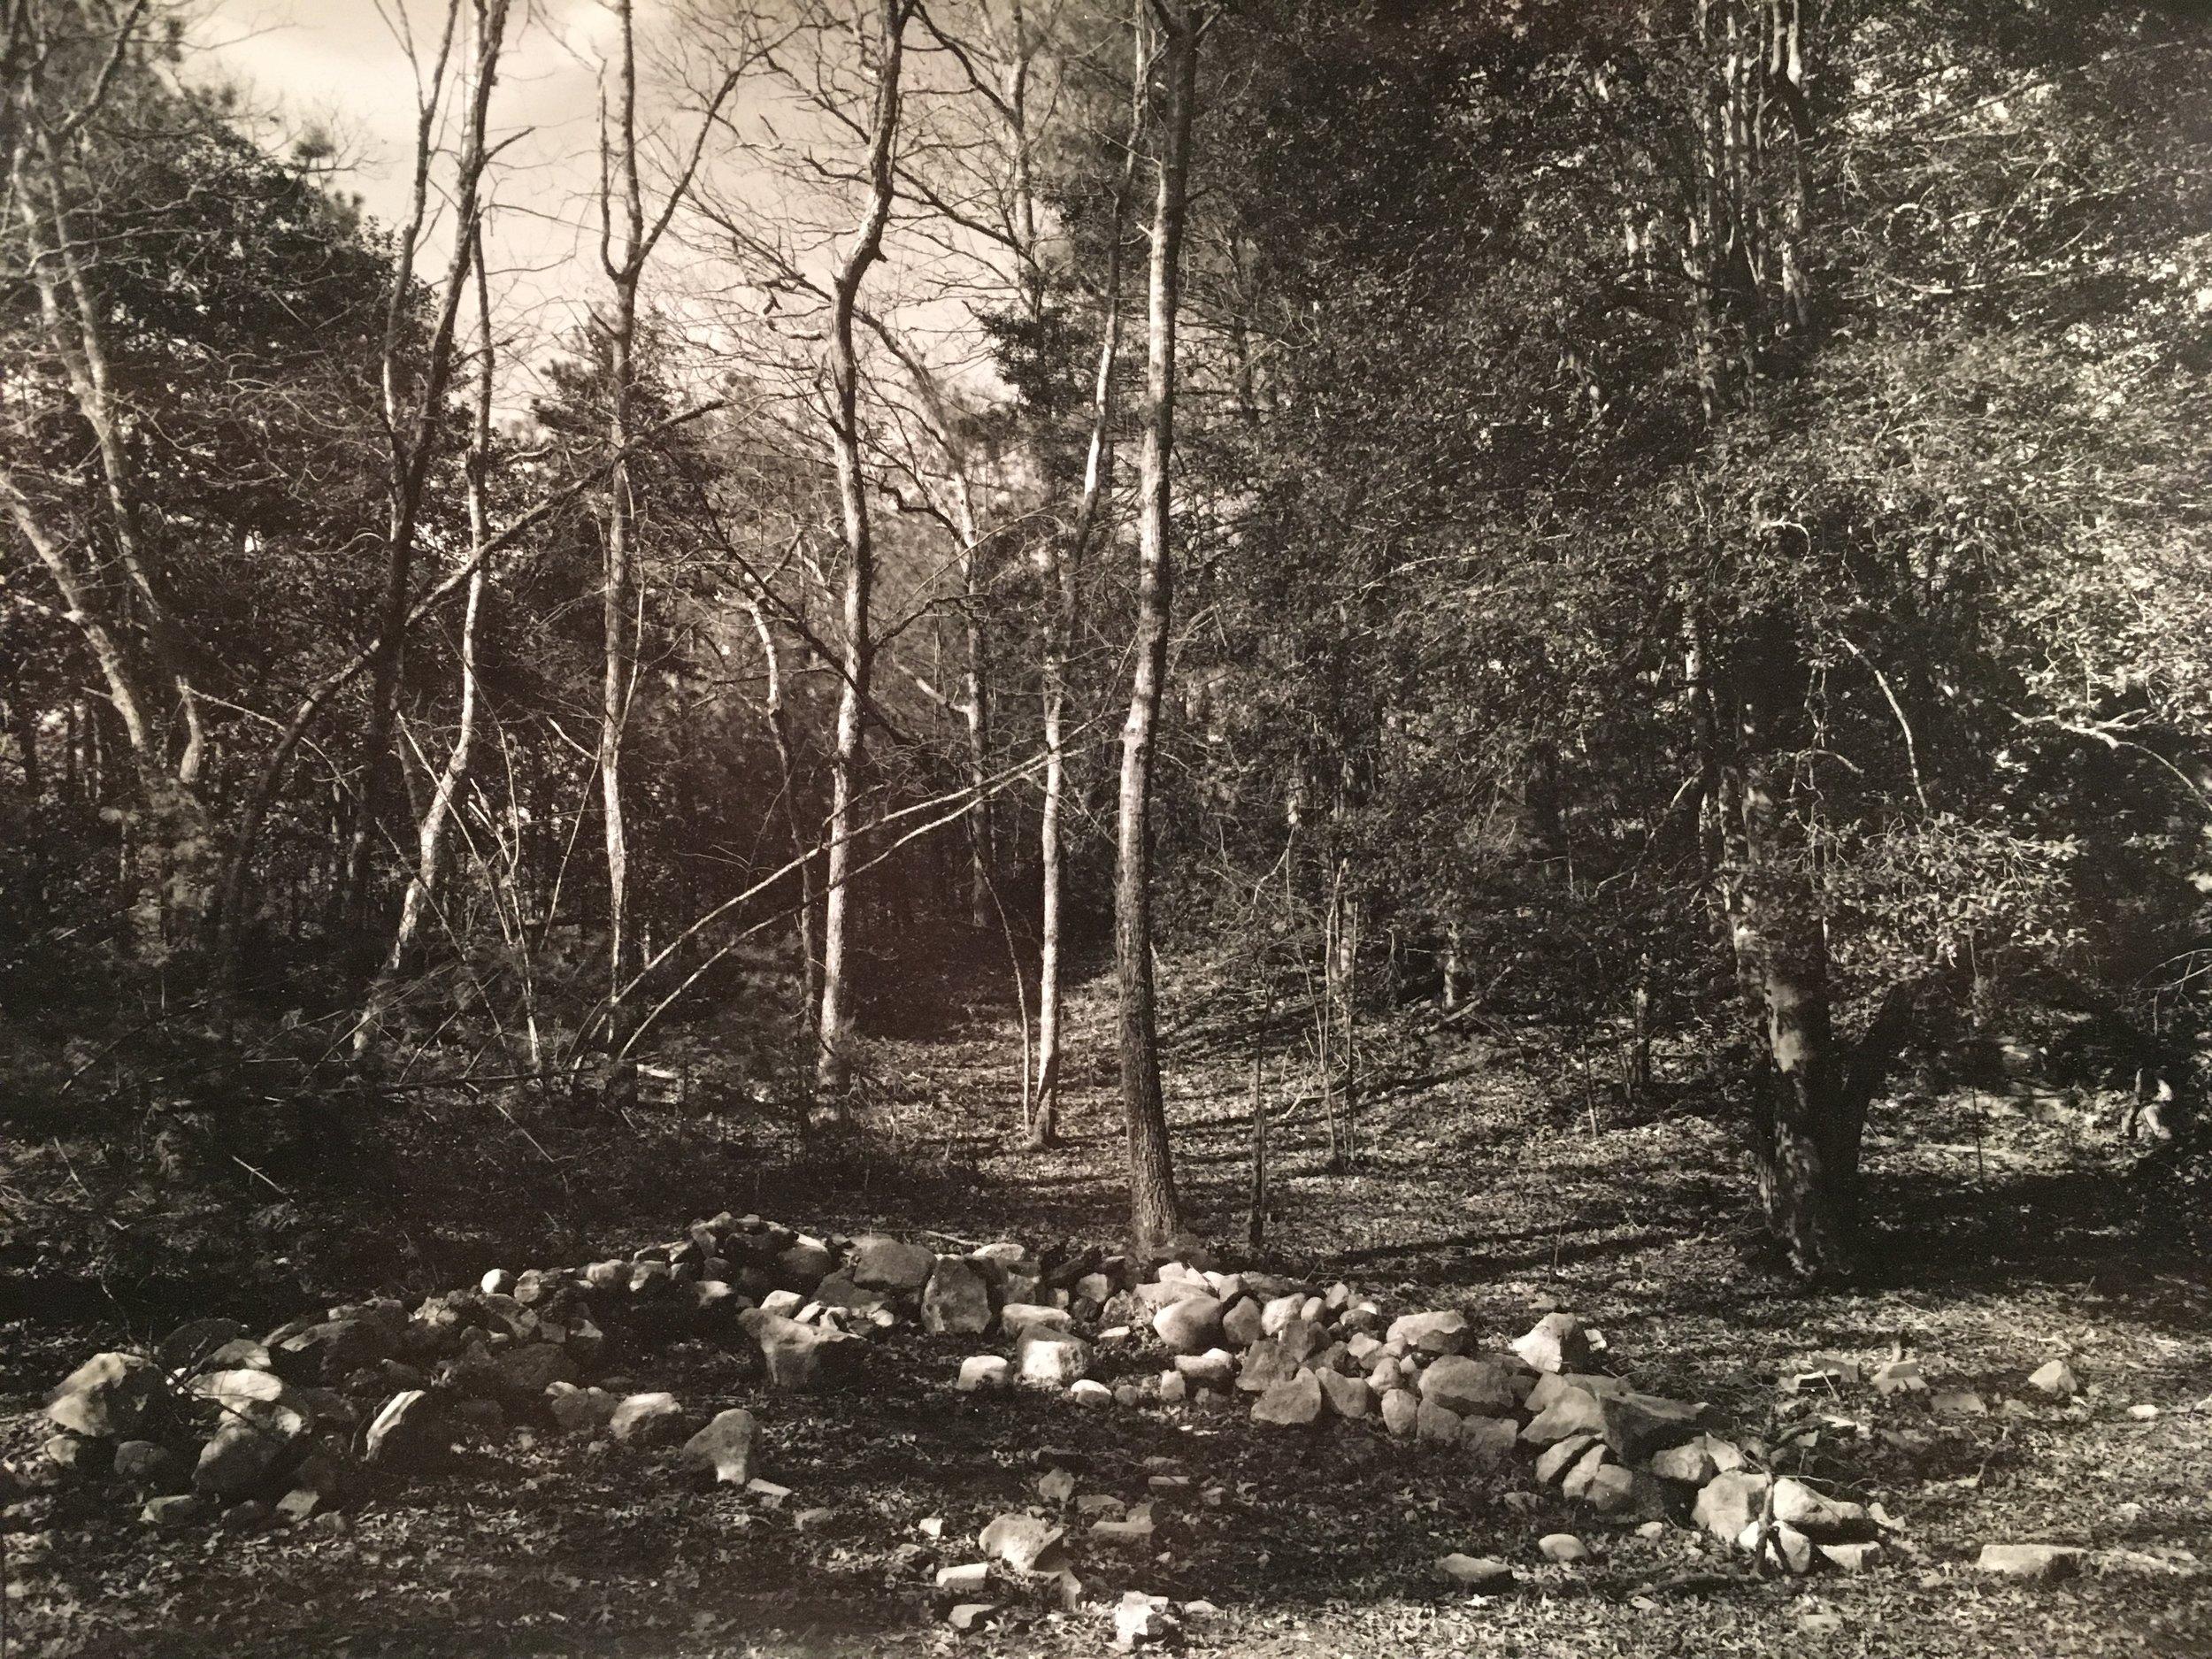 Ring of Stones in Woods_8x10_framed 14x17.jpg